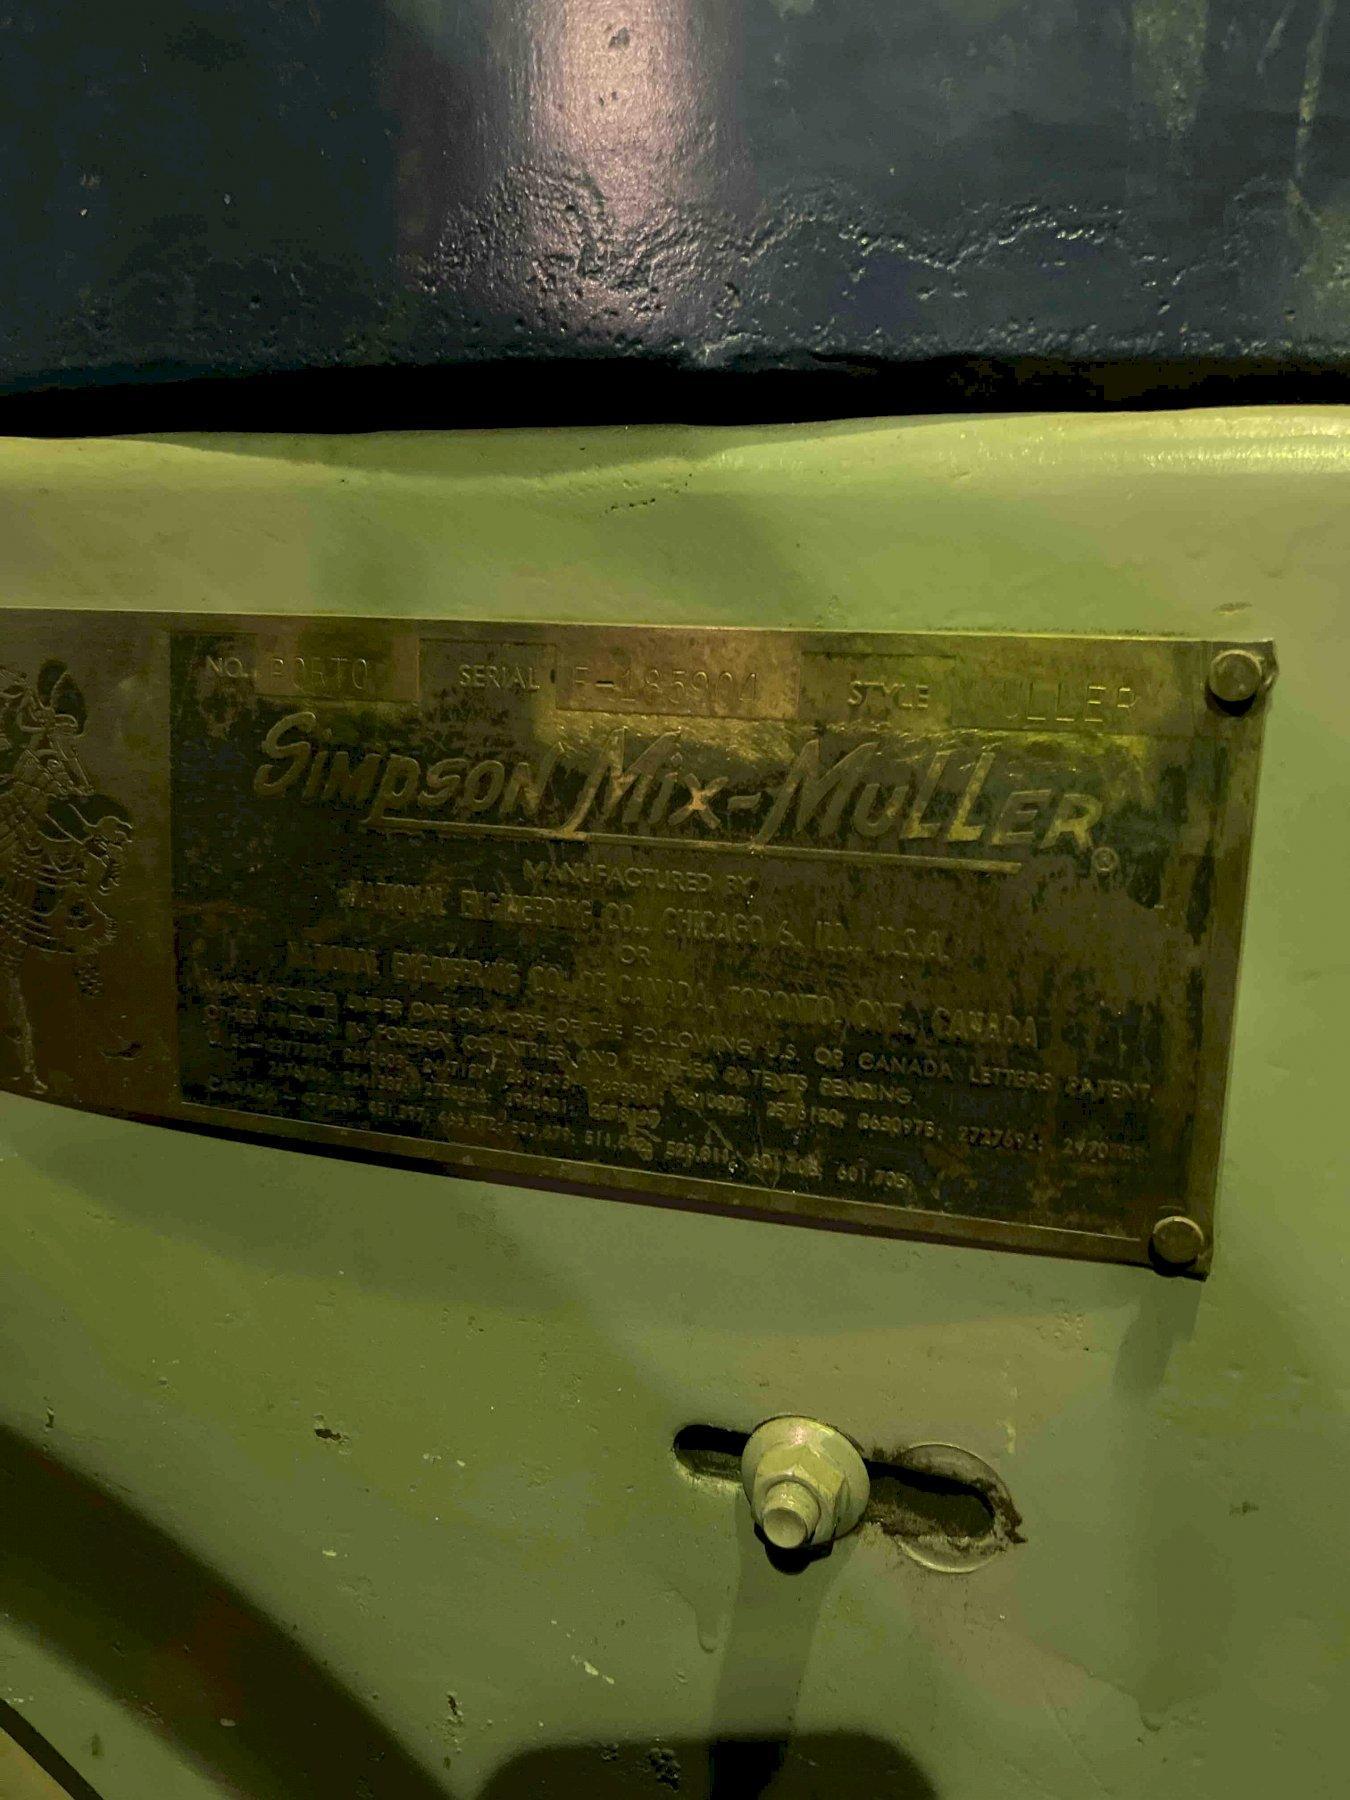 SIMPSON NO 5 PORTO MULLER S/N E185904